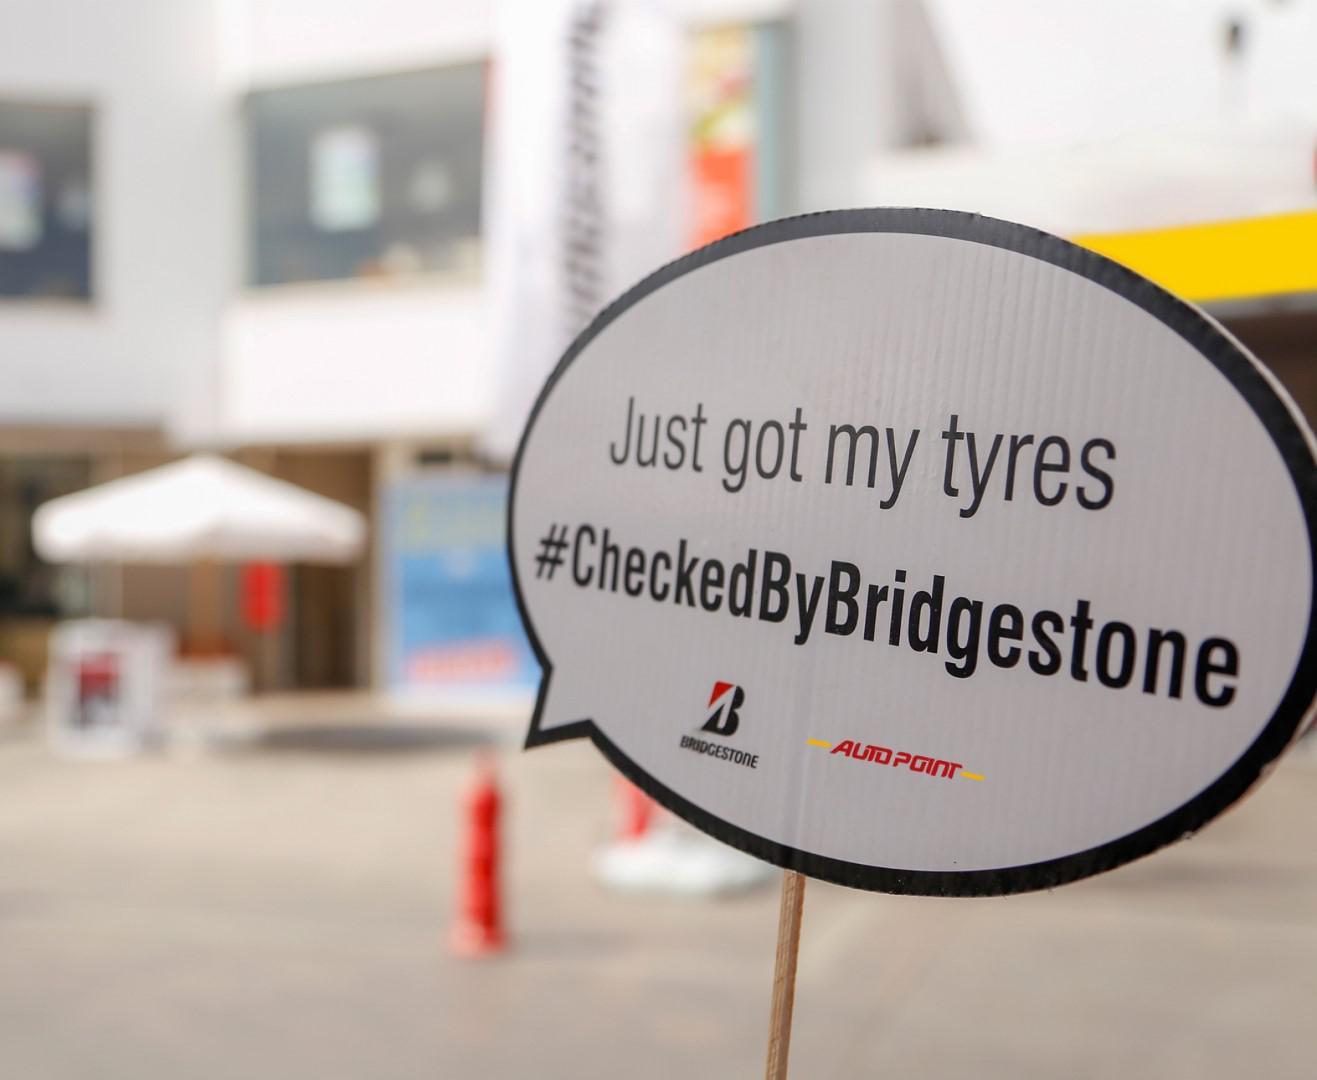 La campagne de sécurité estivale #CheckedbyBridgestone relancée au Maroc